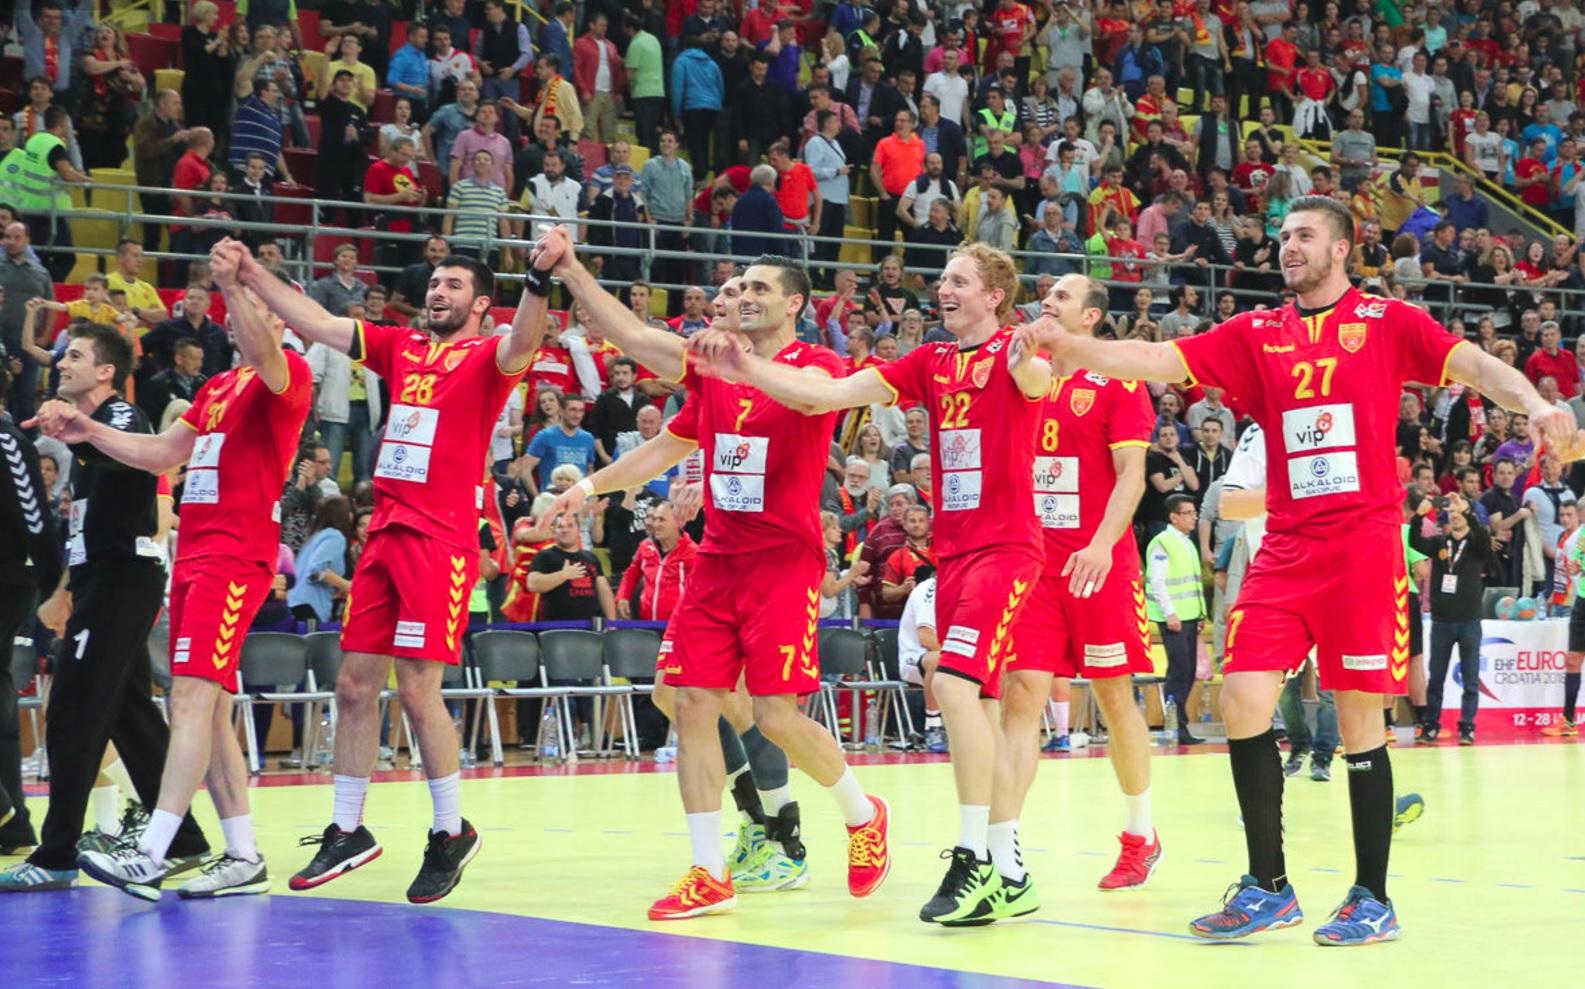 Македонските ракометари убедливи против Чешка за потврда на пласманот на ЕП 2018